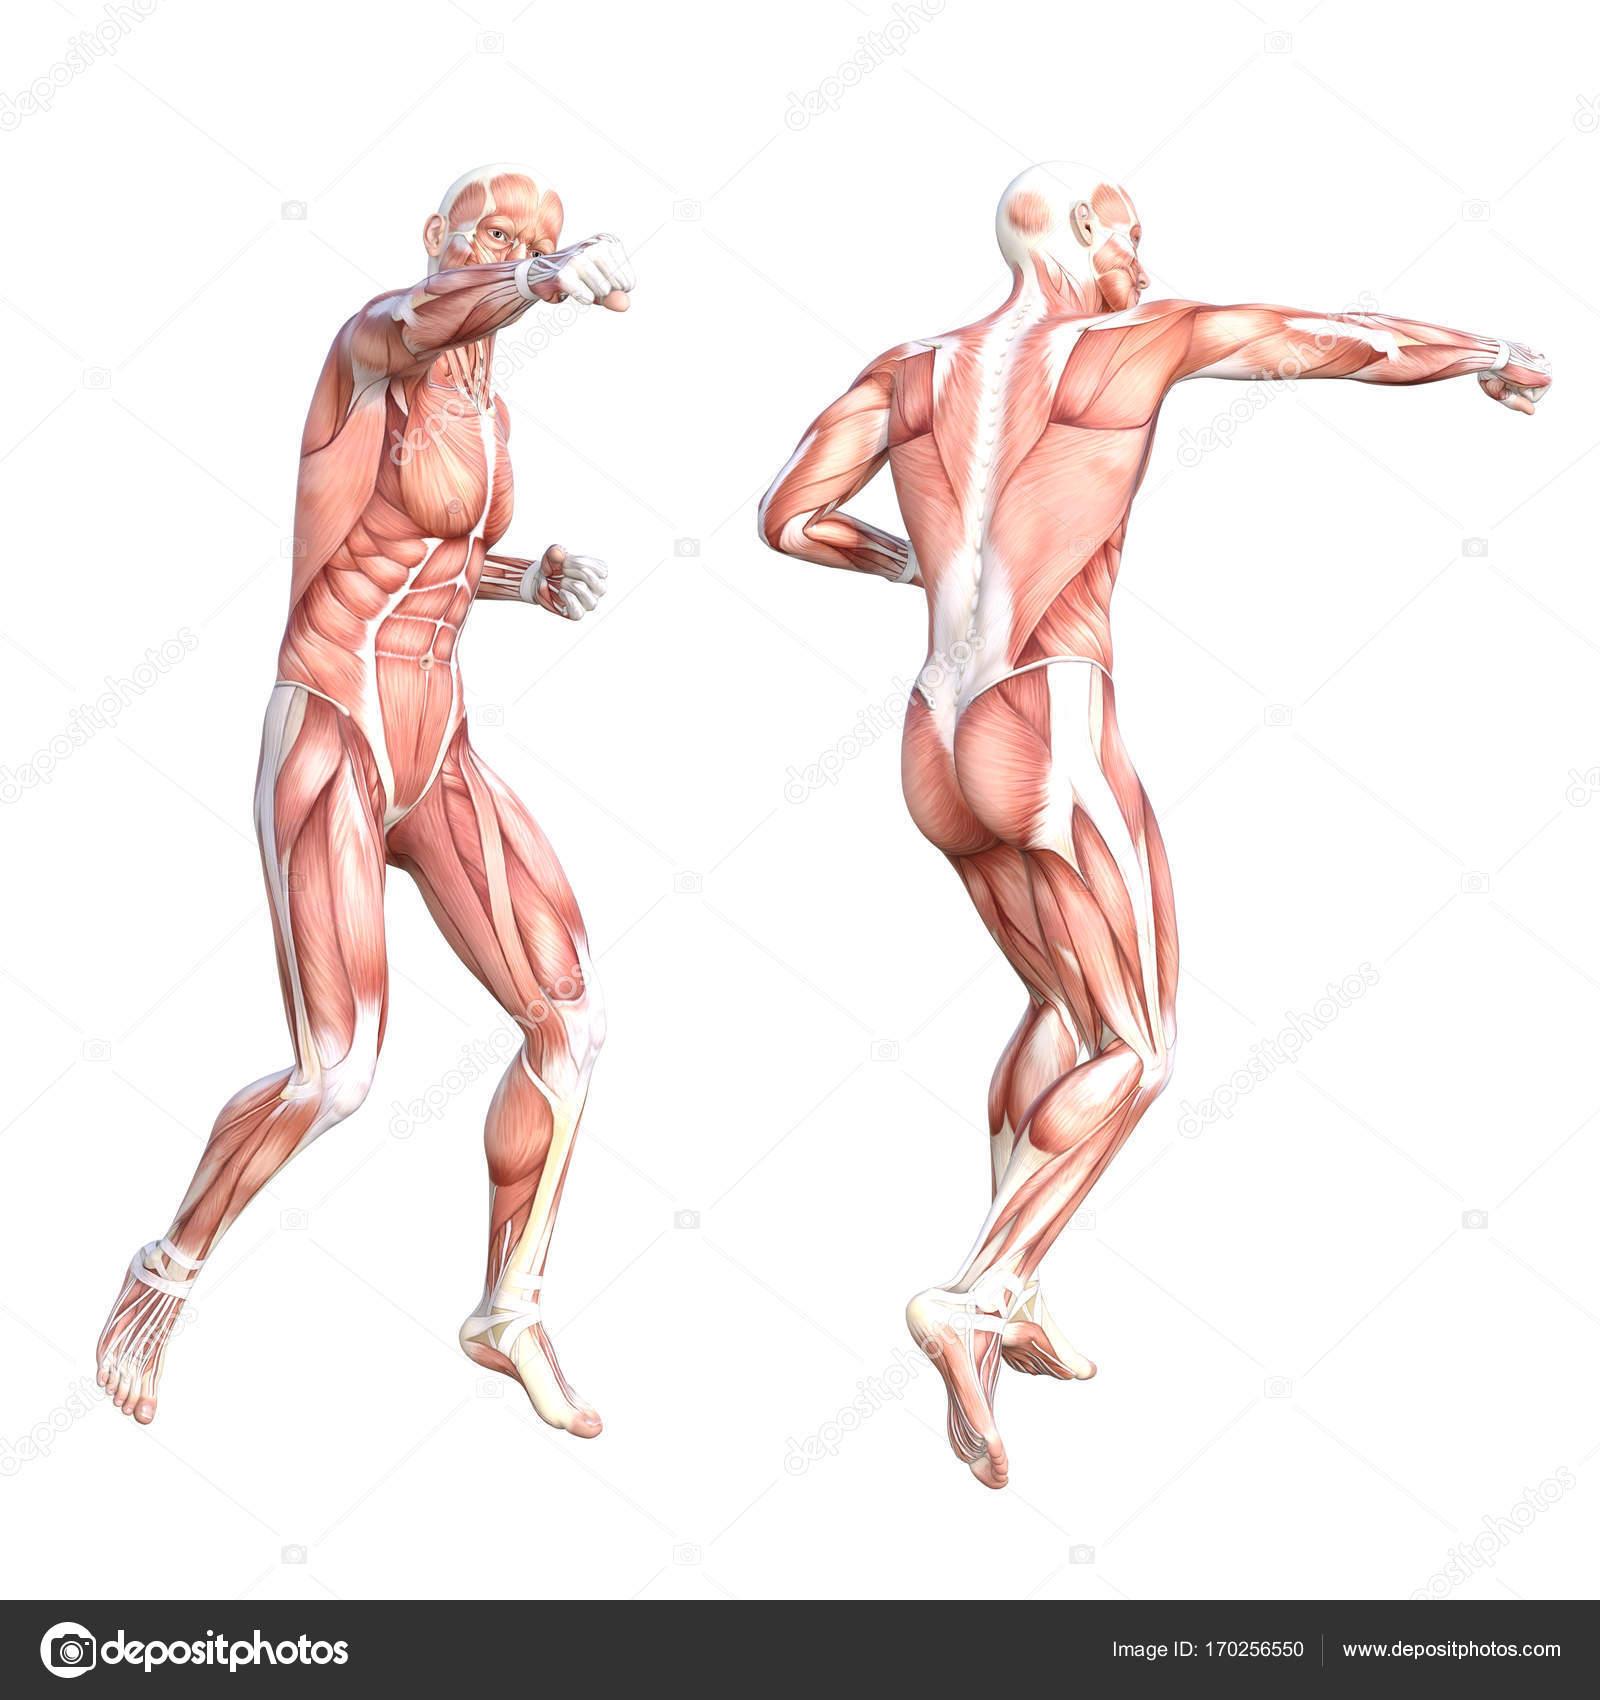 Menschlichen Körper-Muskel-system — Stockfoto © design36 #170256550